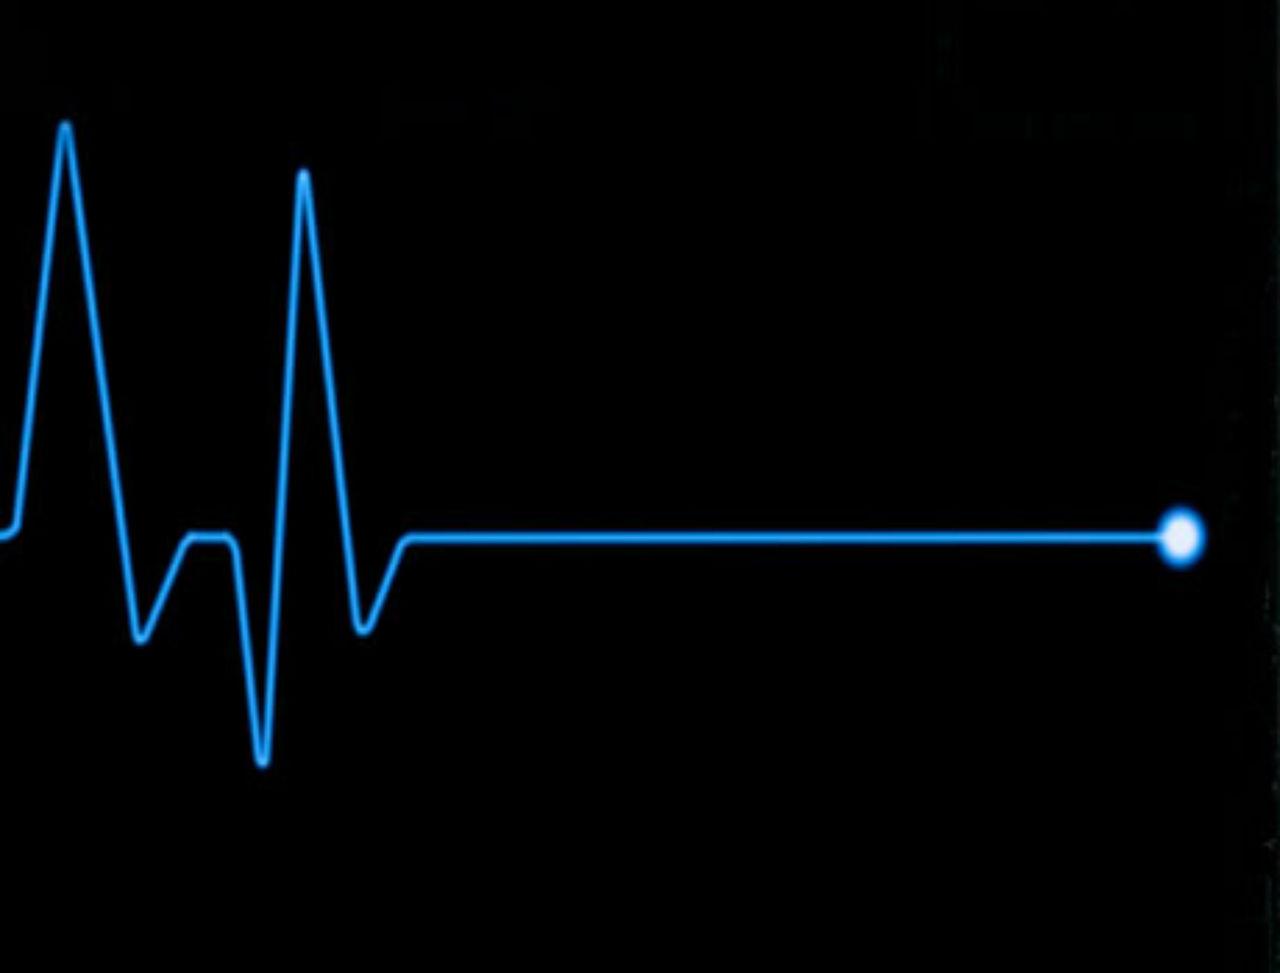 صورة كلام عن الموت مؤثر , لحظة موت شبابى